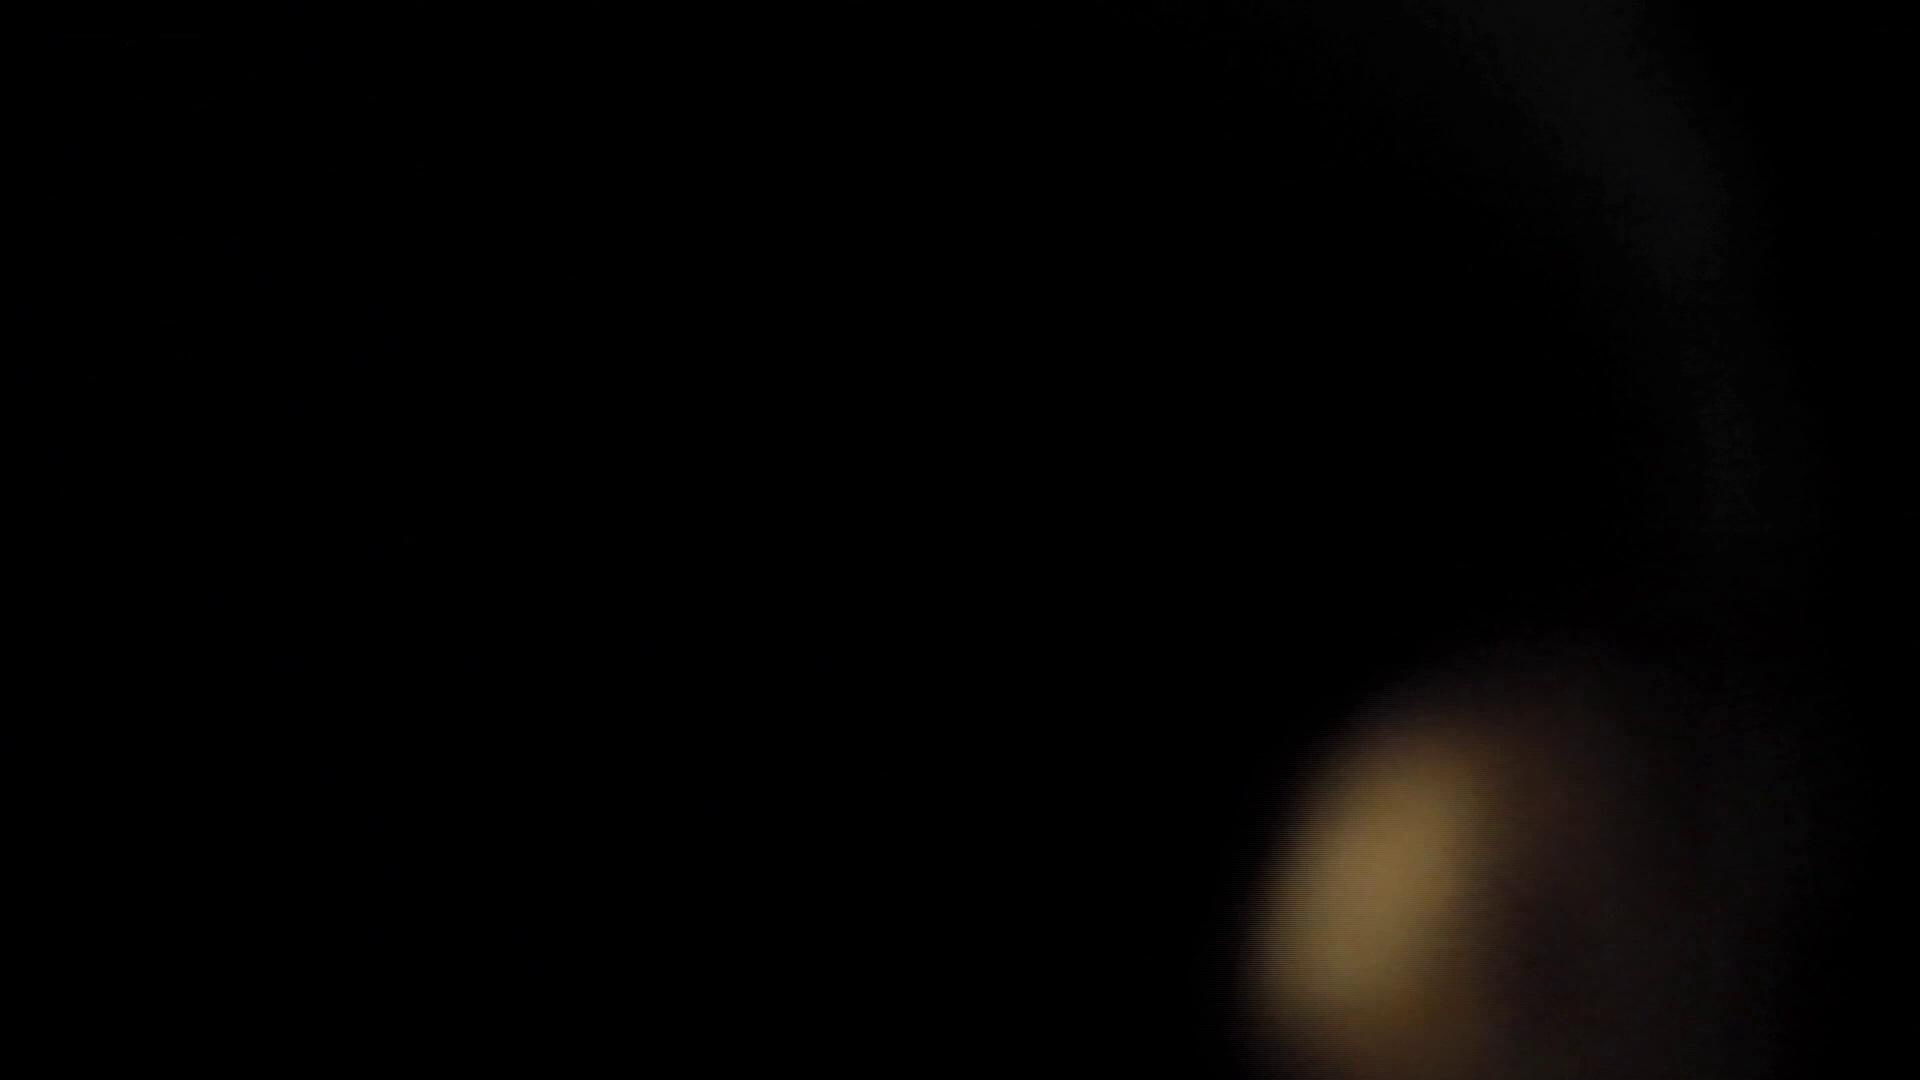 無料アダルト動画:ステーション編 vol40 更に画質アップ!!無料動画のモデルつい登場3:怪盗ジョーカー